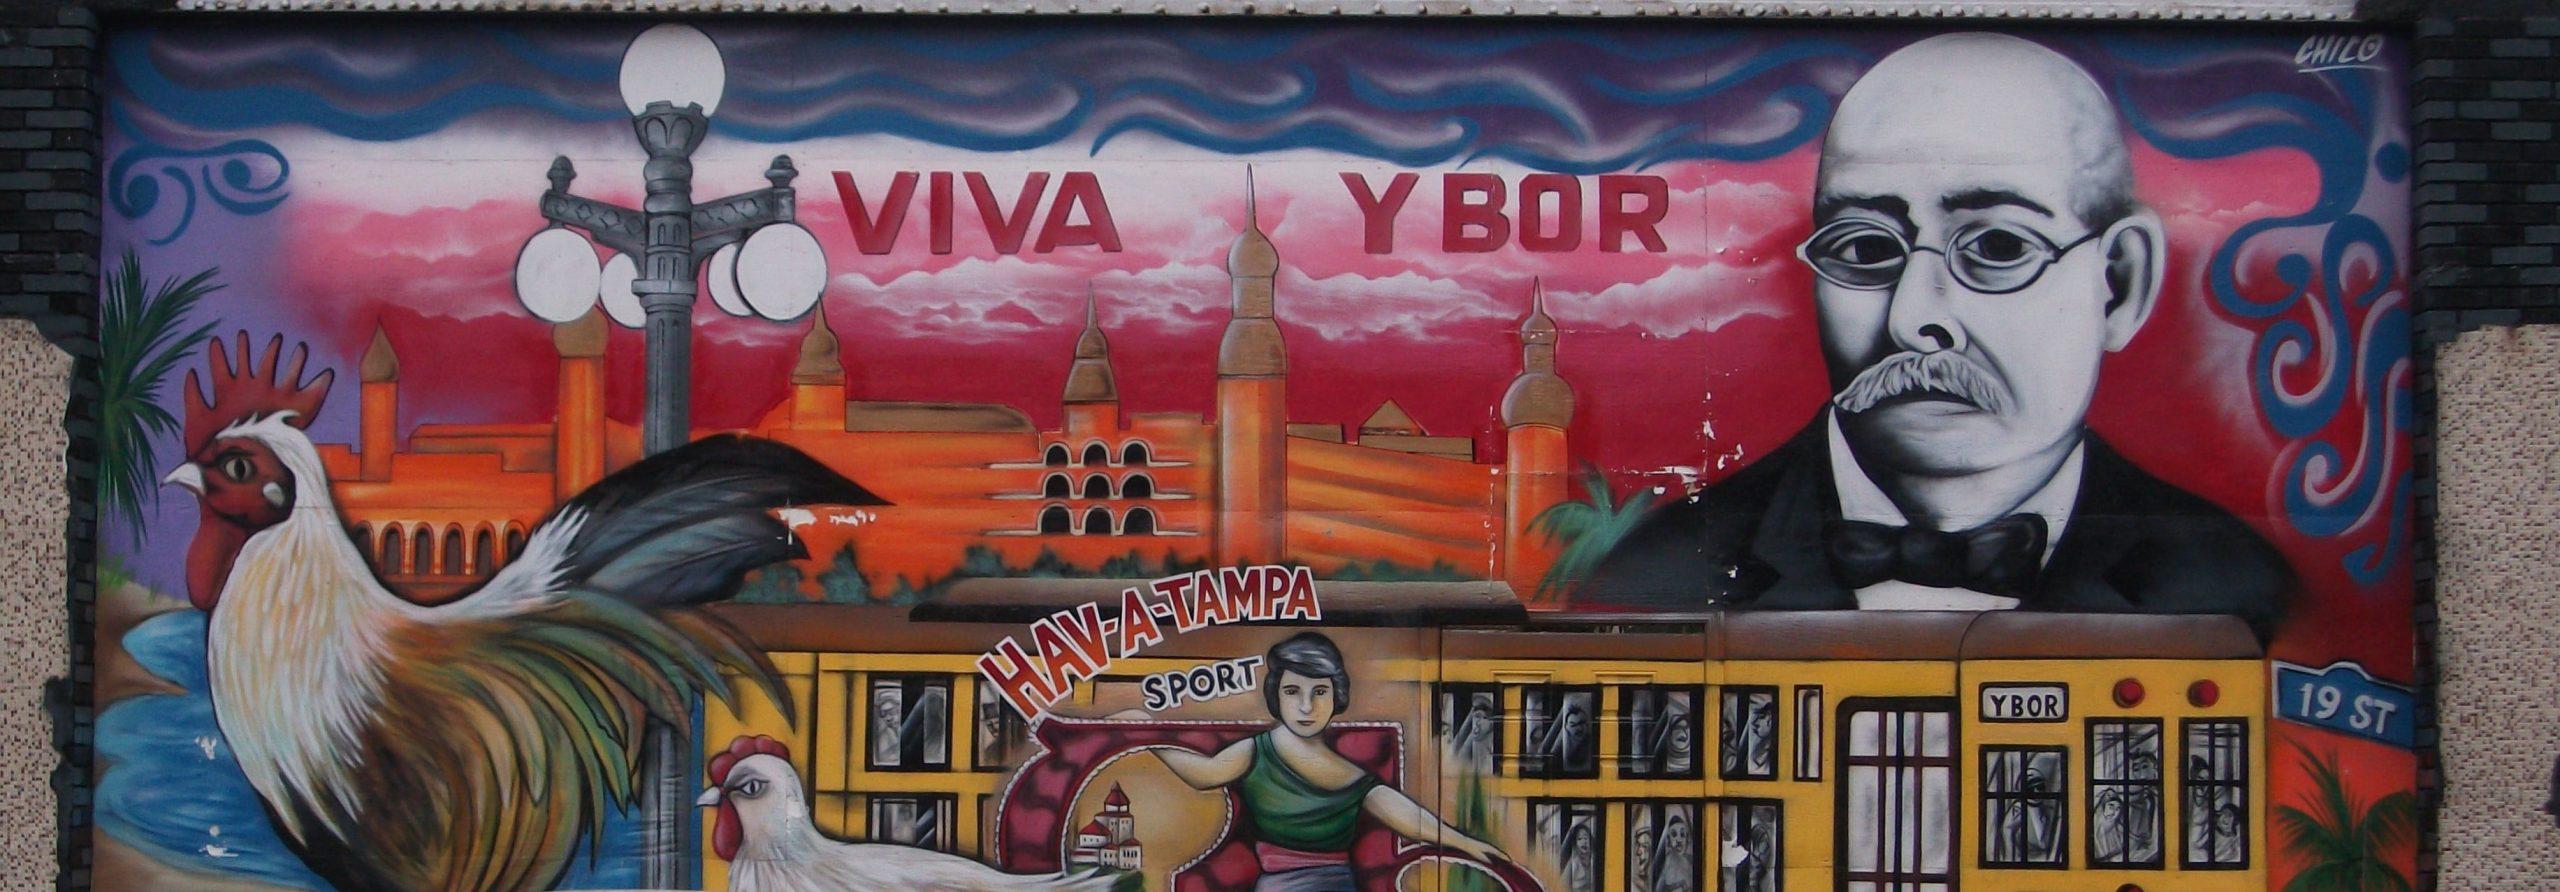 street art viva ybor city